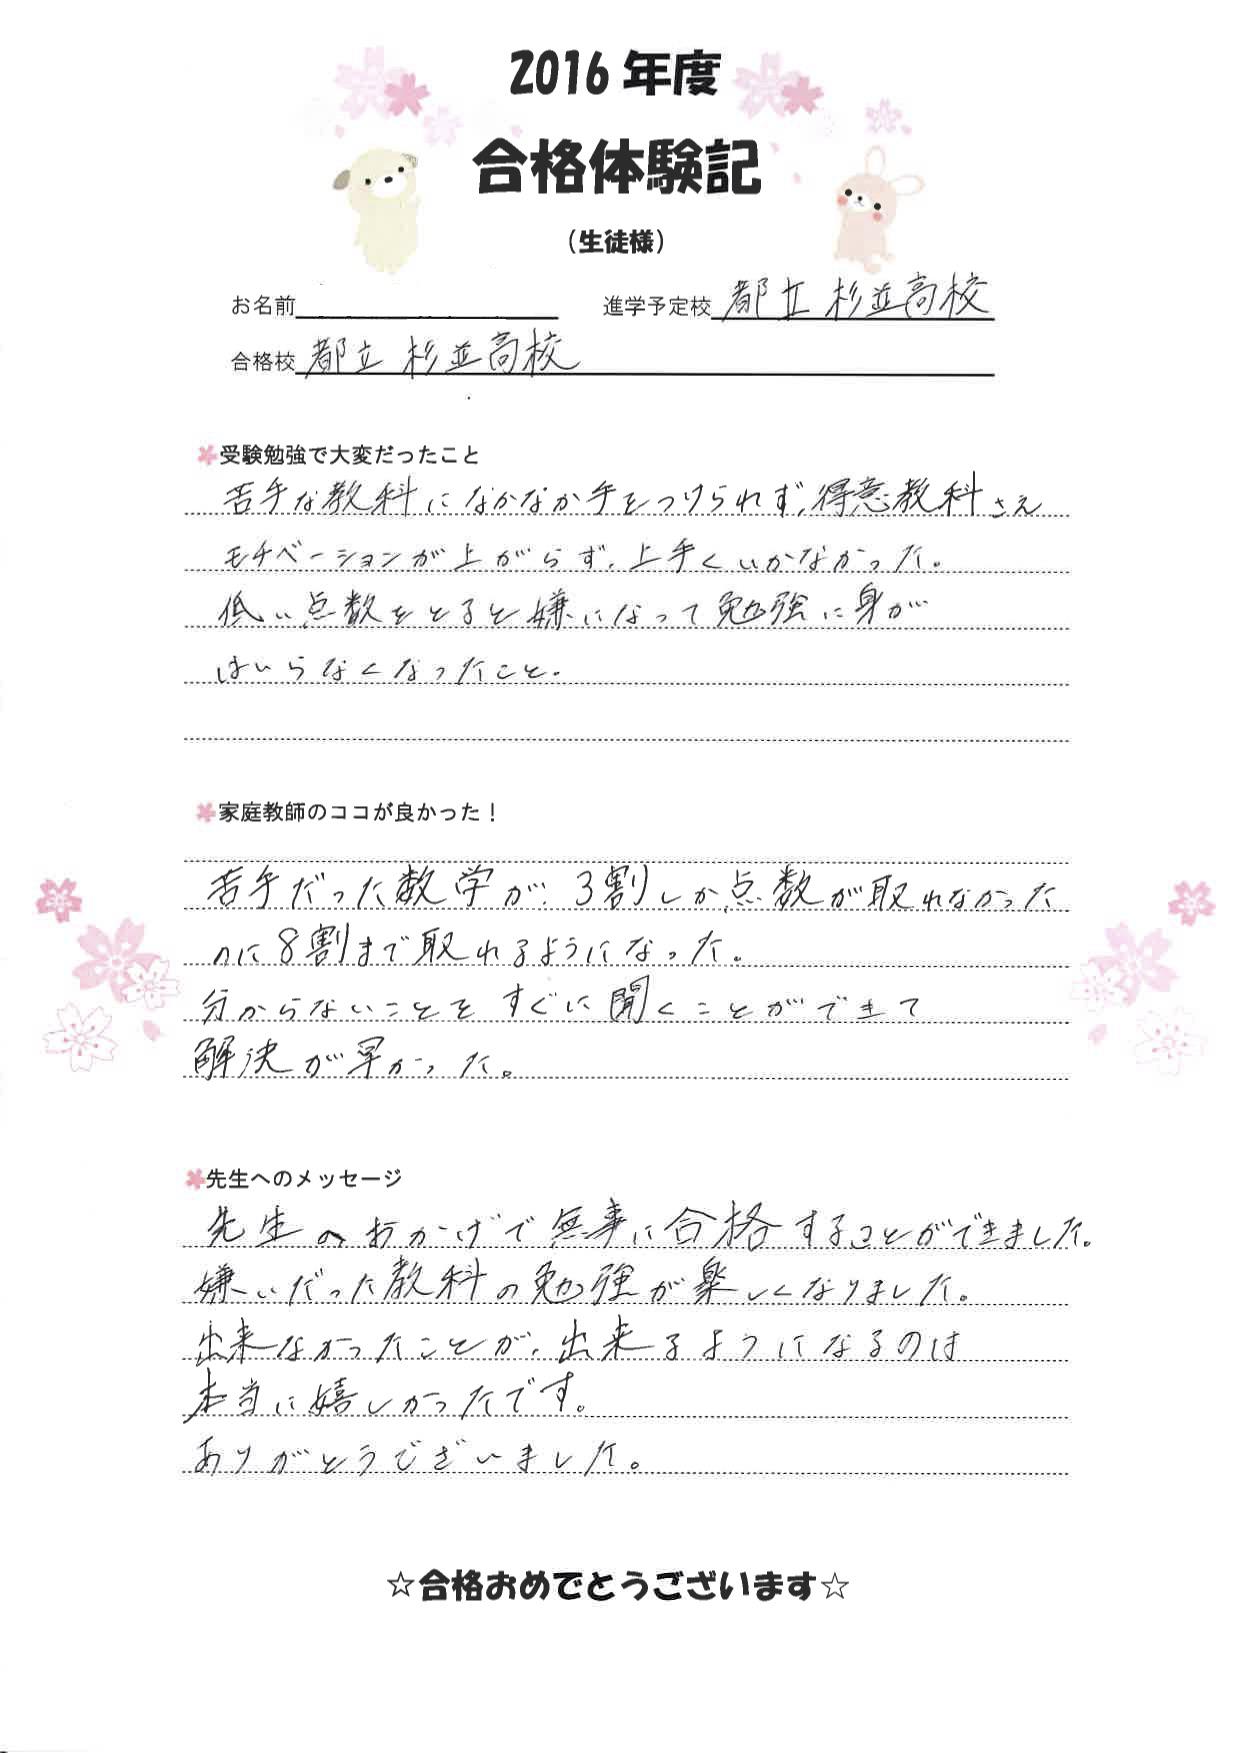 【加工済み】合格体験記23